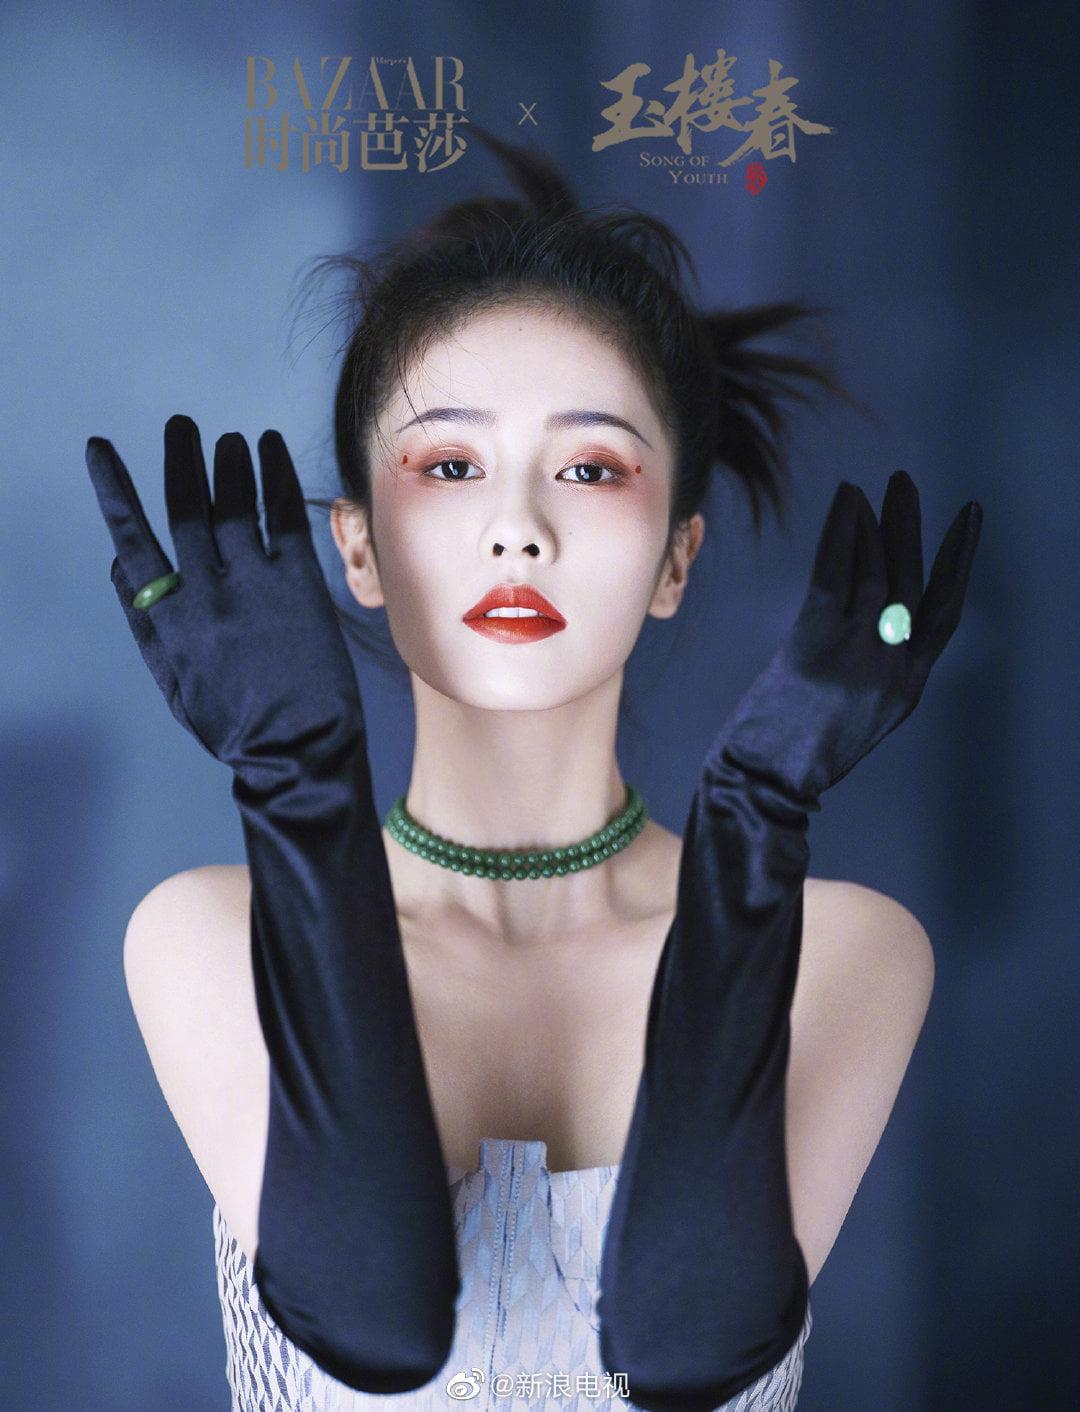 Dàn mỹ nhân Ngọc Lâu Xuân đại chiến tạp chí Bazaar 9